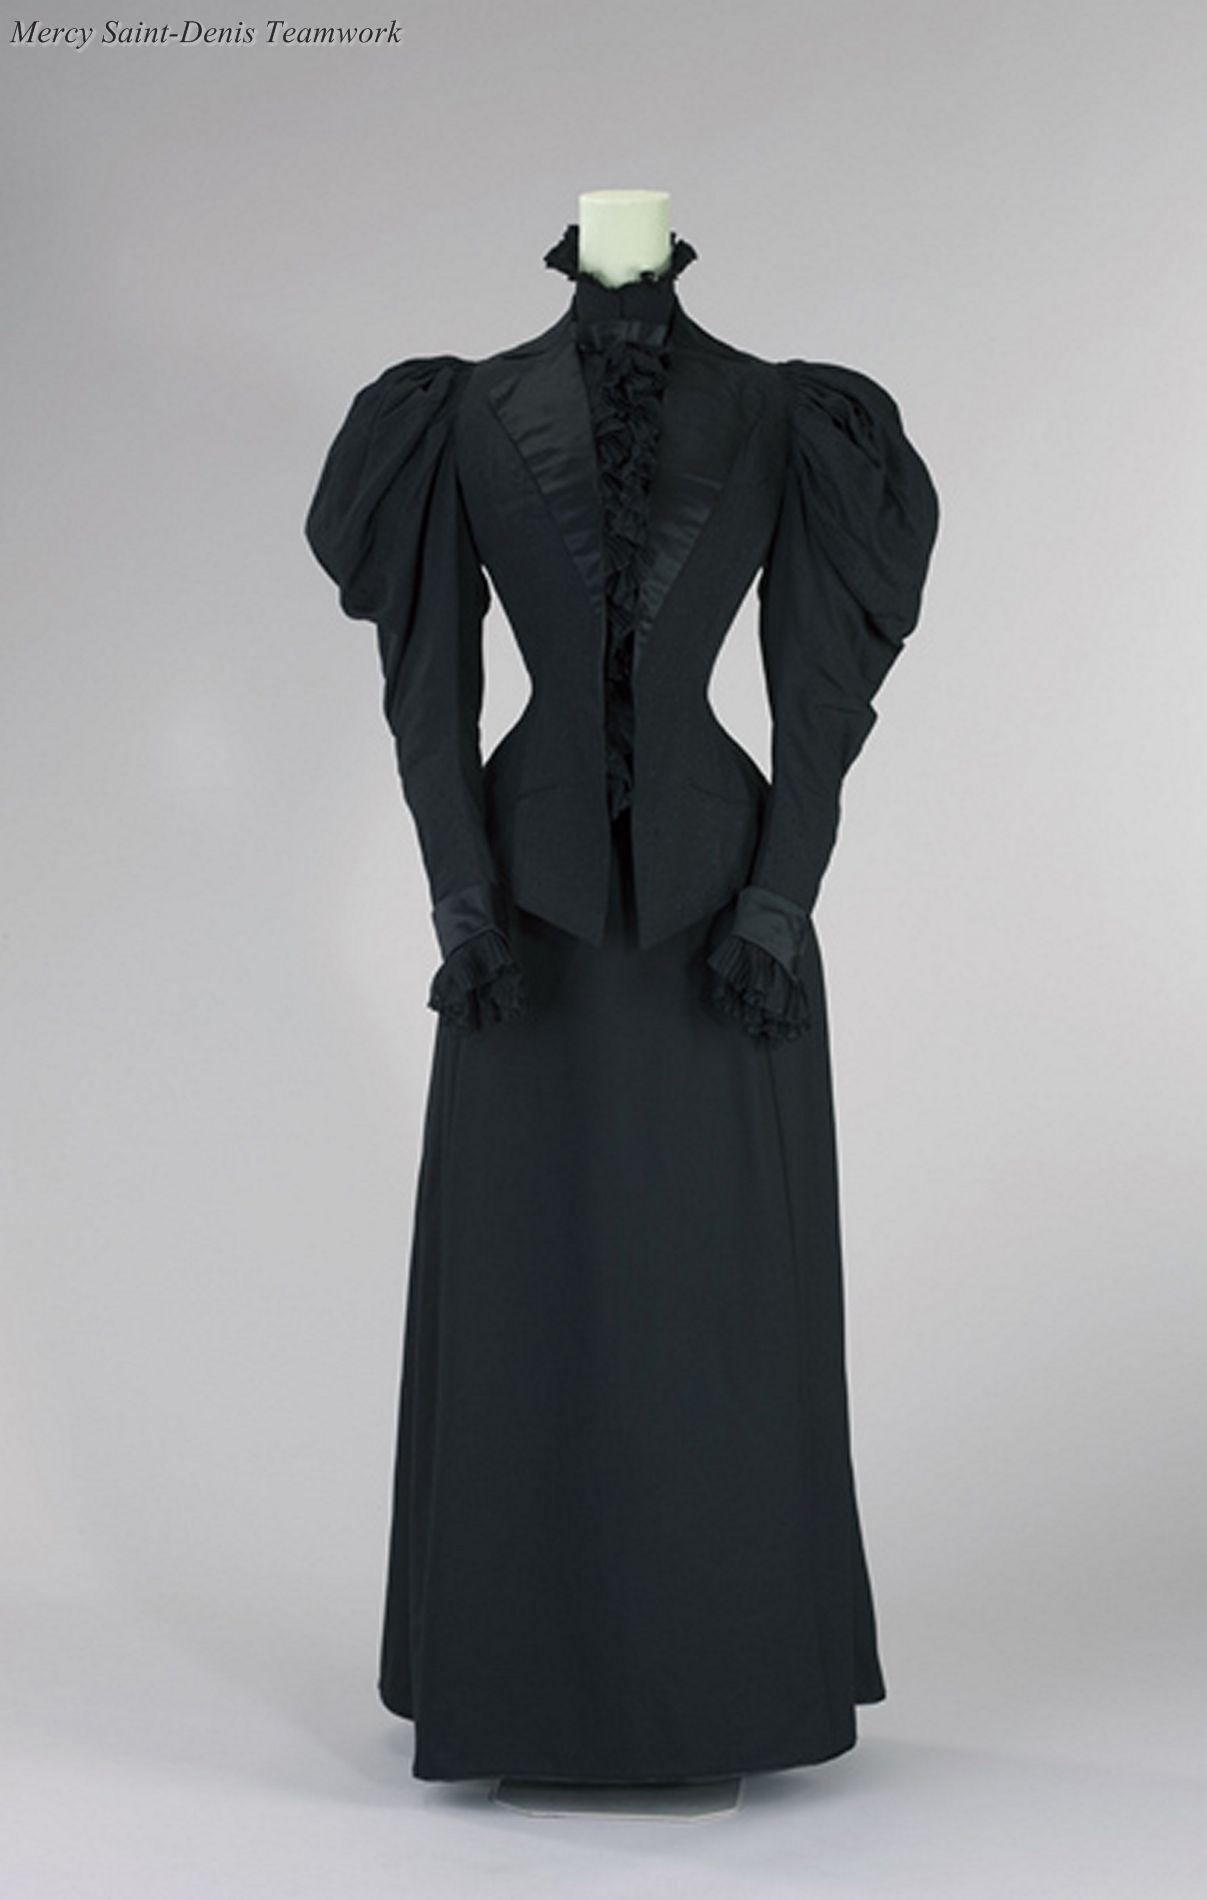 Promenadenkostüm, um 1893 - 95, Seide, Wolle, getragen von ...